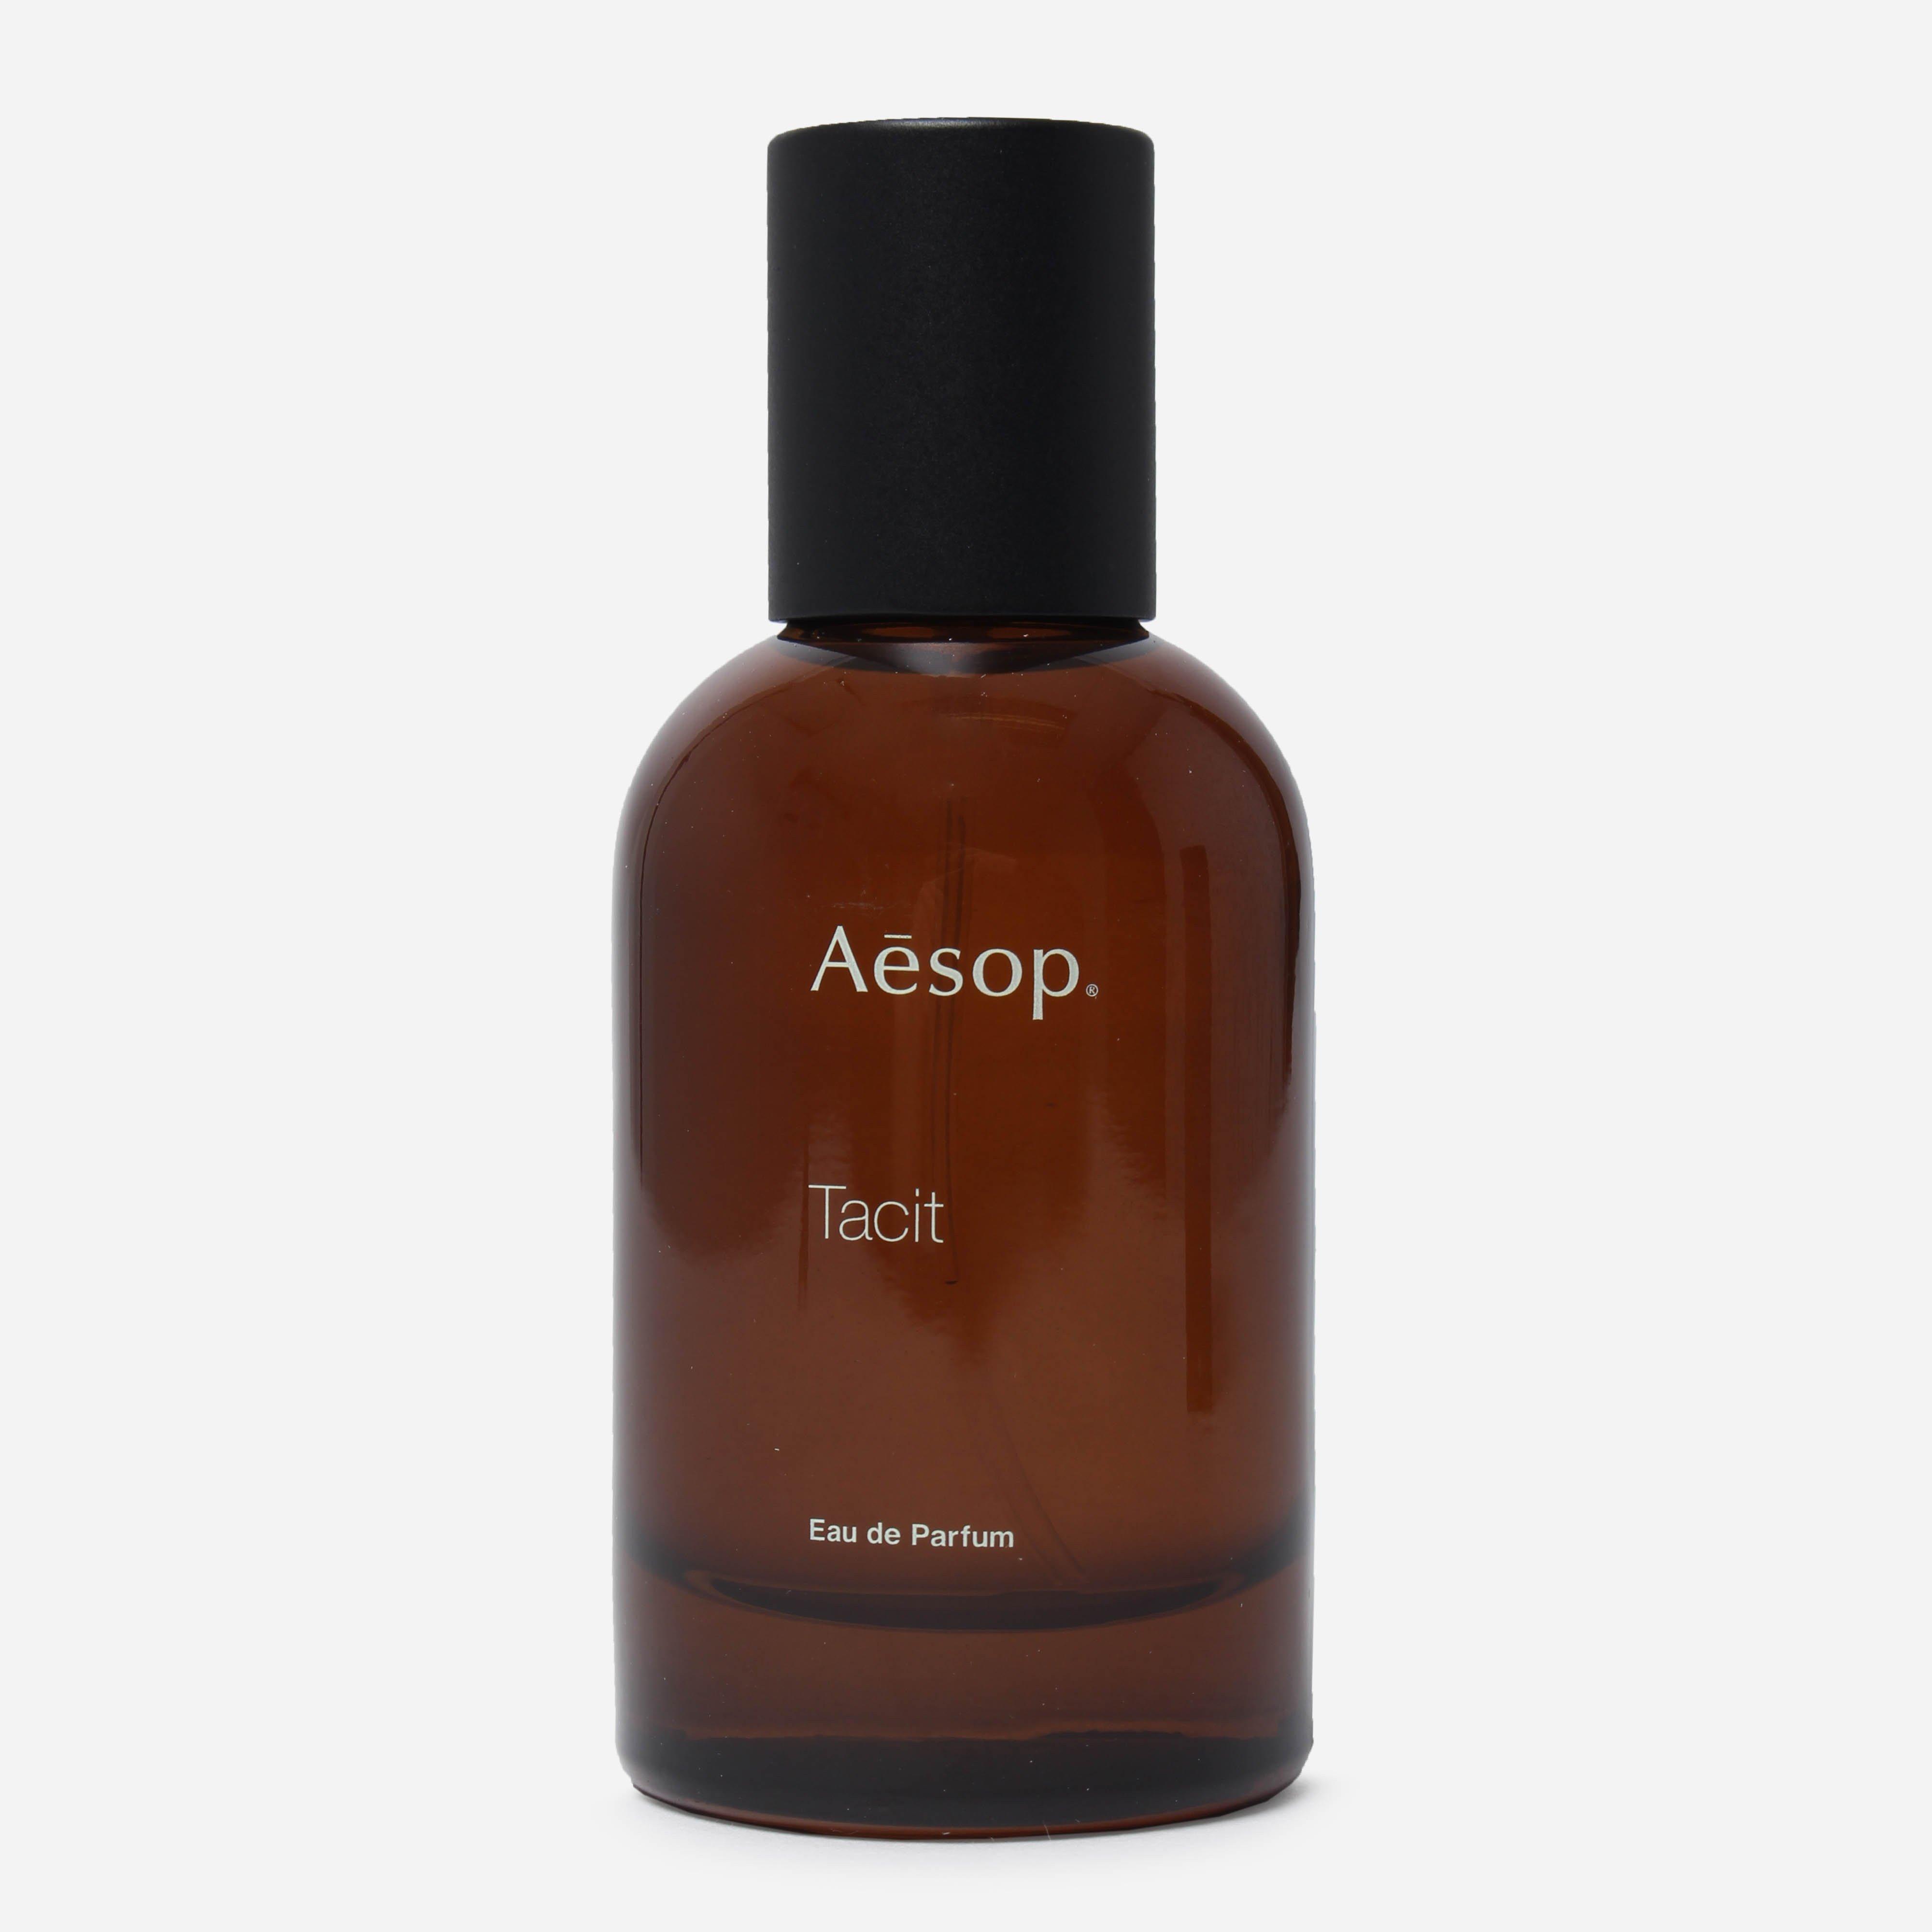 Aesop Tacit Eau De Parfum